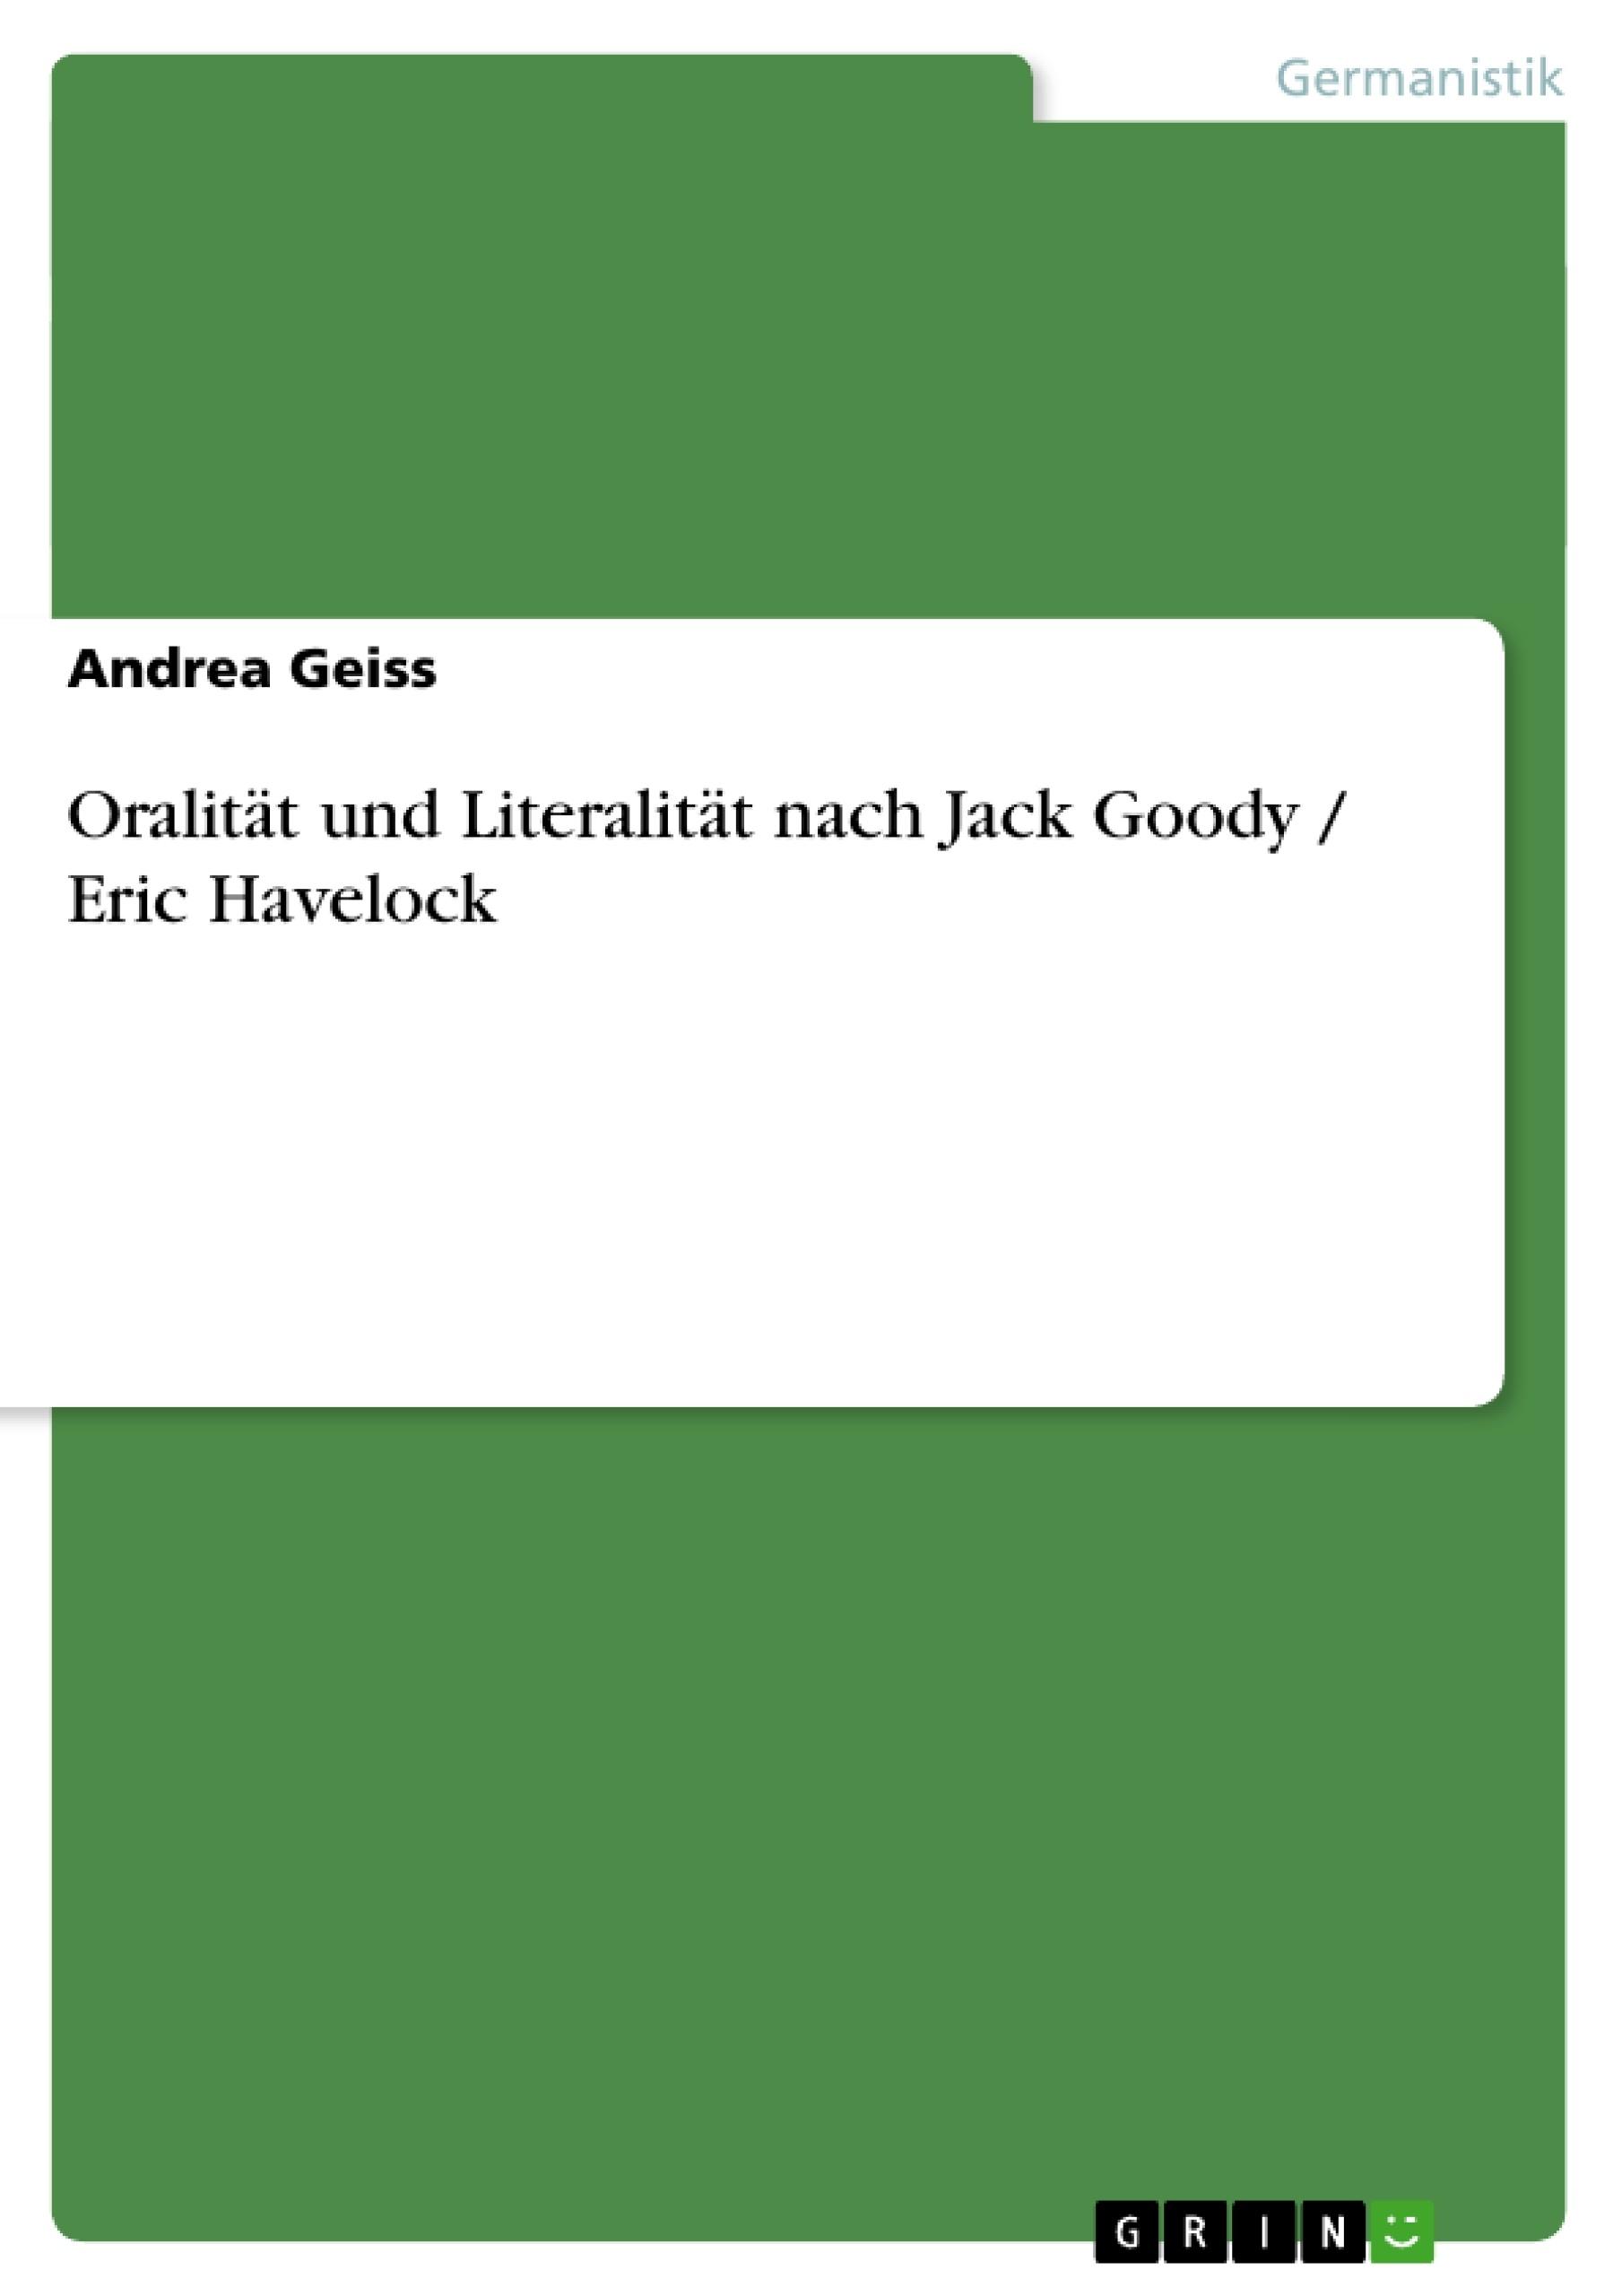 Titel: Oralität und Literalität nach Jack Goody / Eric Havelock